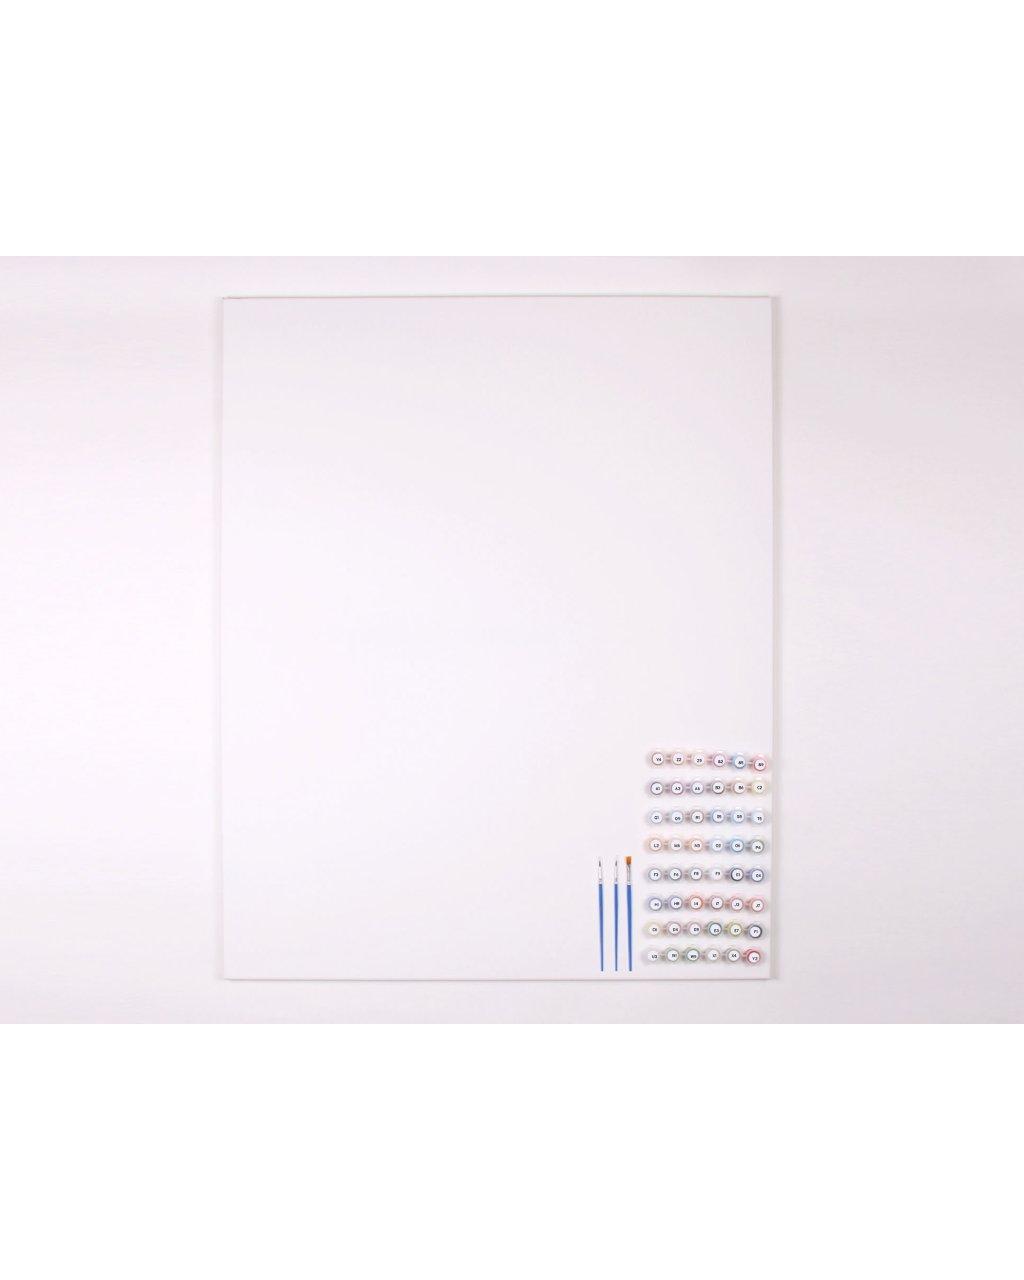 Malování podle čísel - ČISTÉ NEPOTIŠTĚNÉ PLÁTNO + SADA BAREV